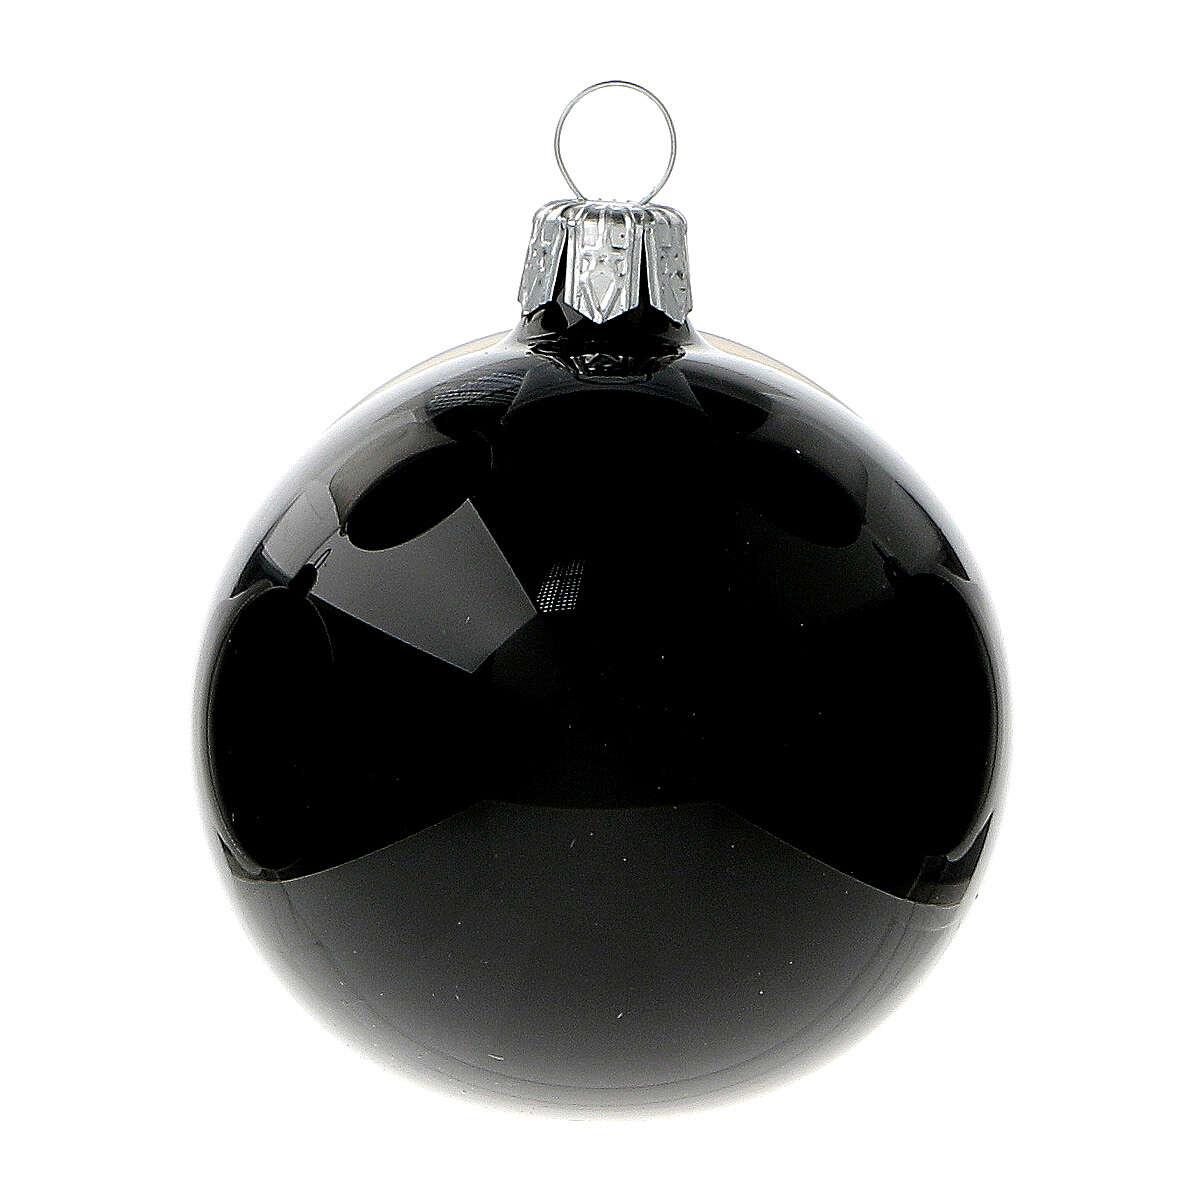 Boules de Noël noir brillant 60 mm verre soufflé 6 pcs 4